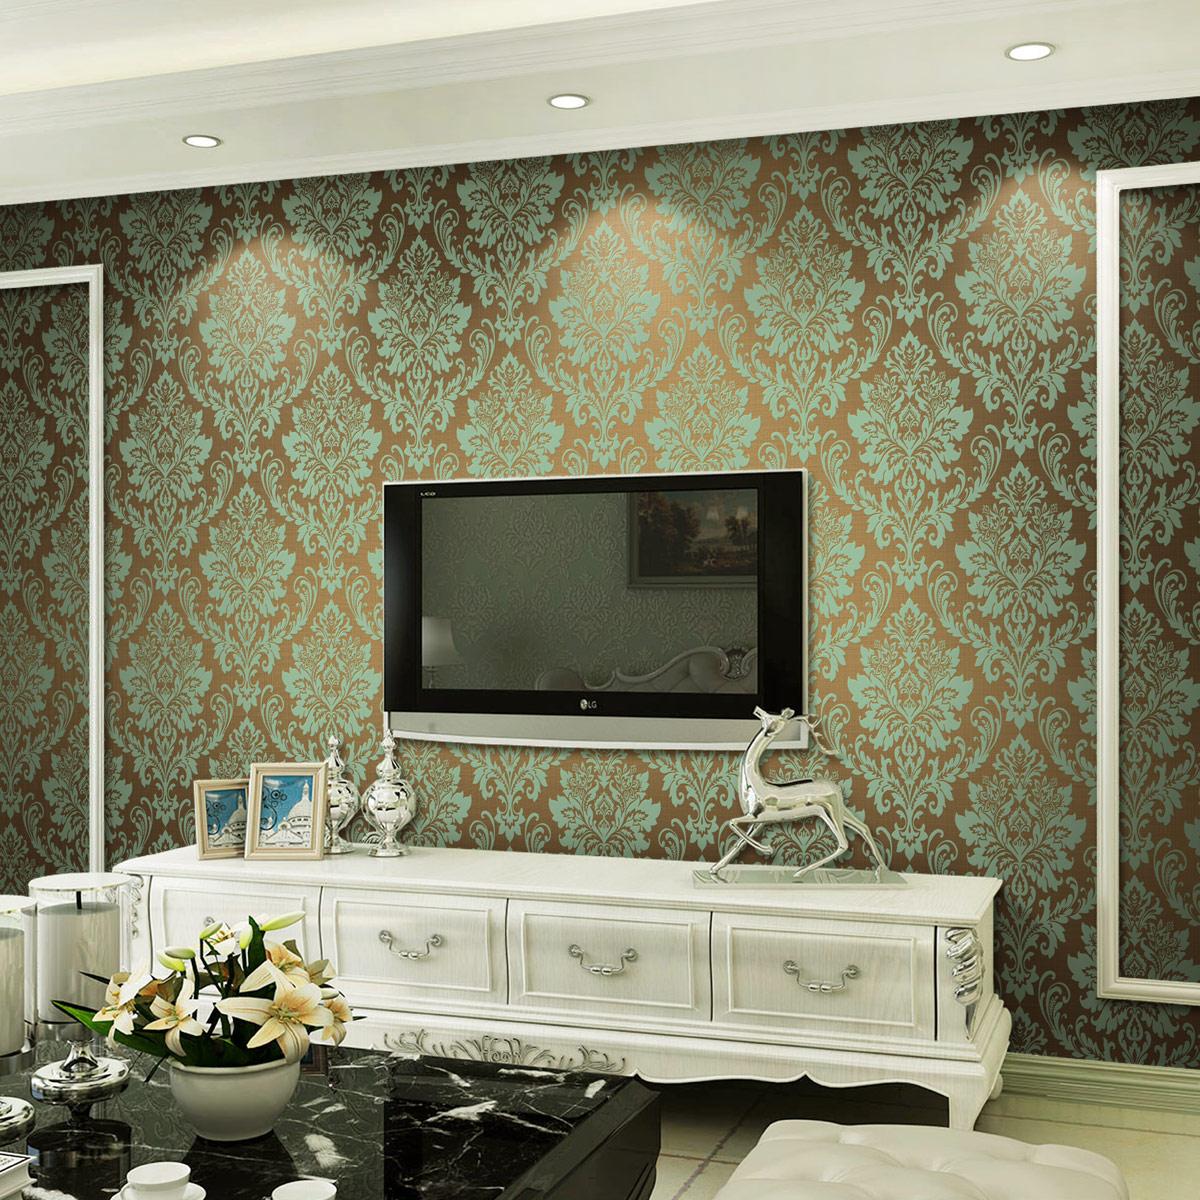 家有喜饰 3D立体欧式壁纸天鹅绒植绒 欧式墙纸 客厅电视背景墙